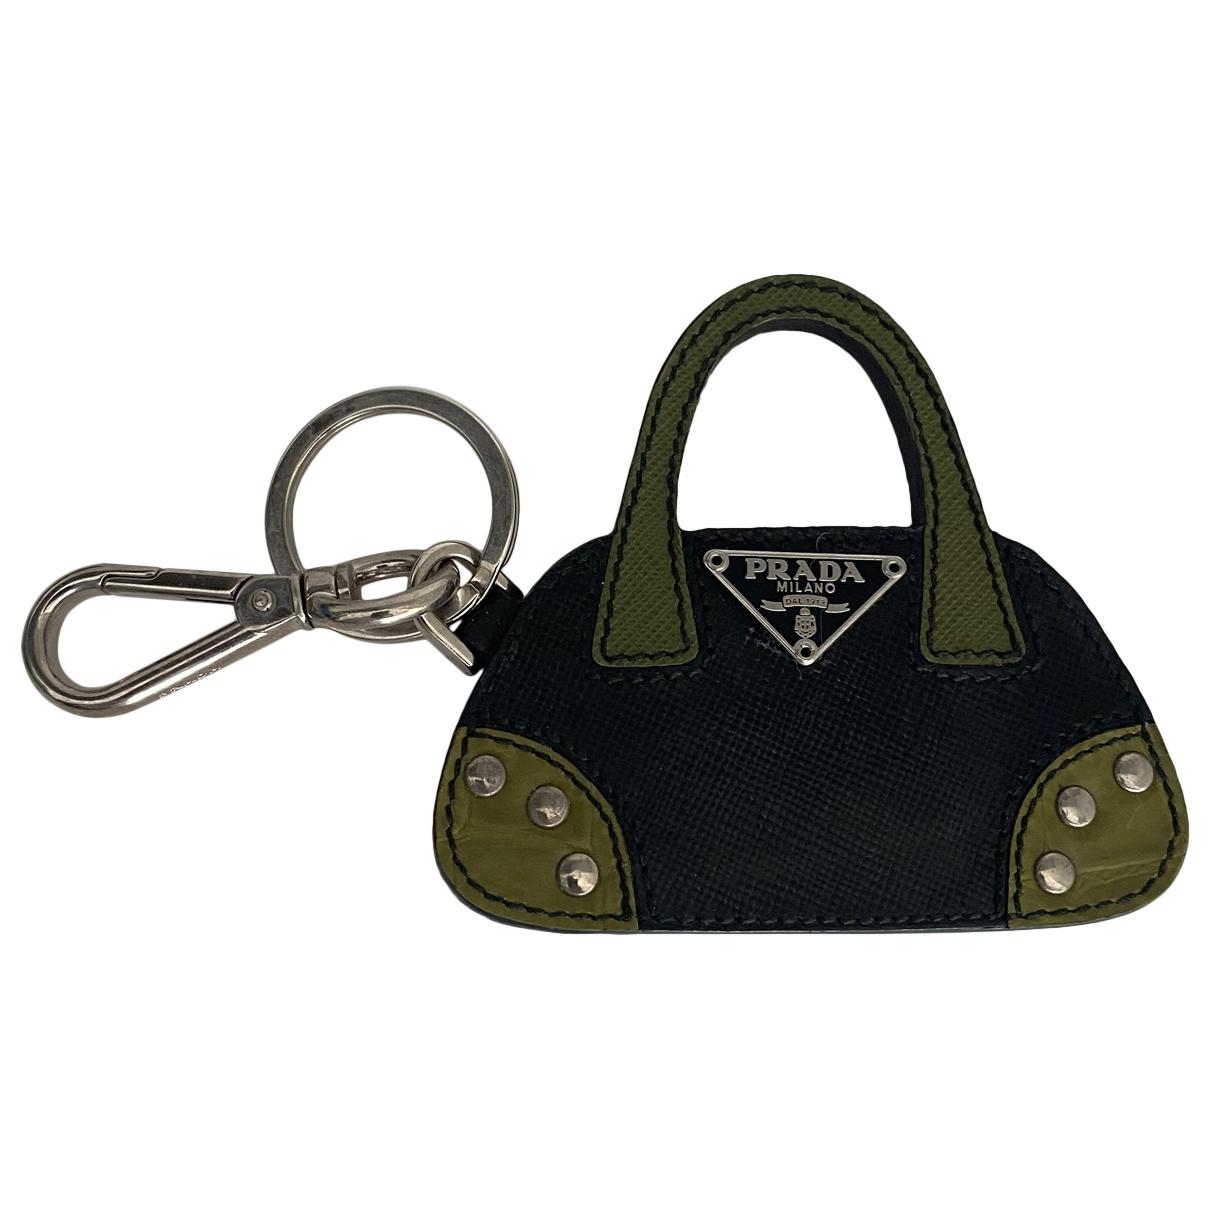 Prada - Bijoux de sac   pour femme en cuir - noir